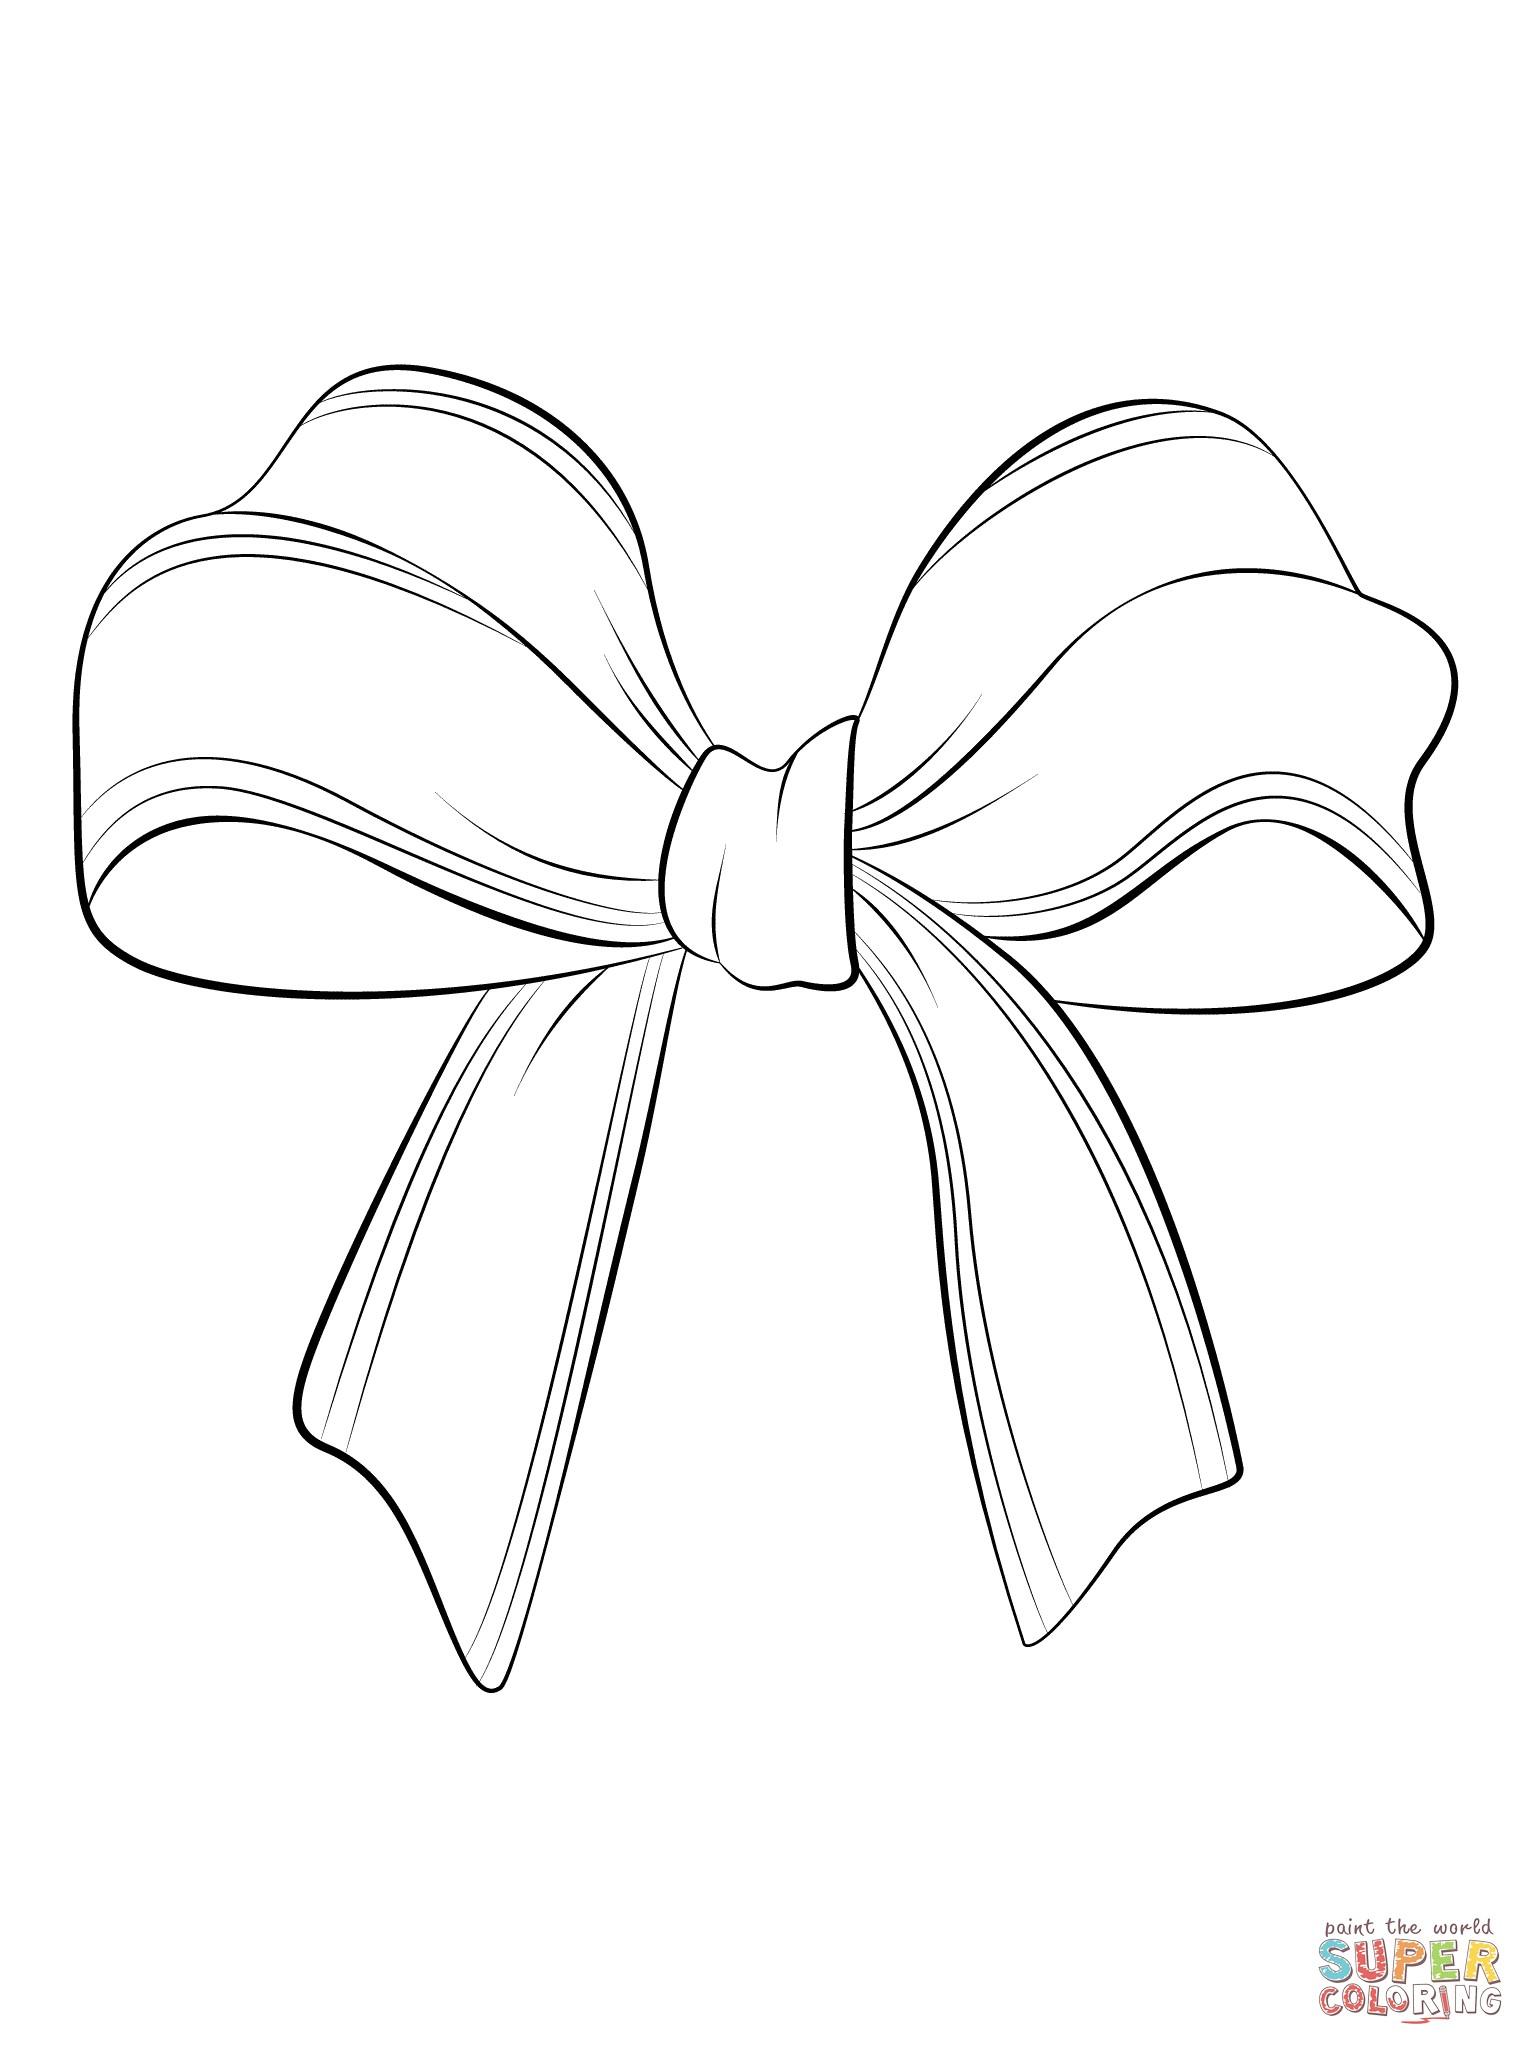 Hair Bow Drawing At Getdrawings